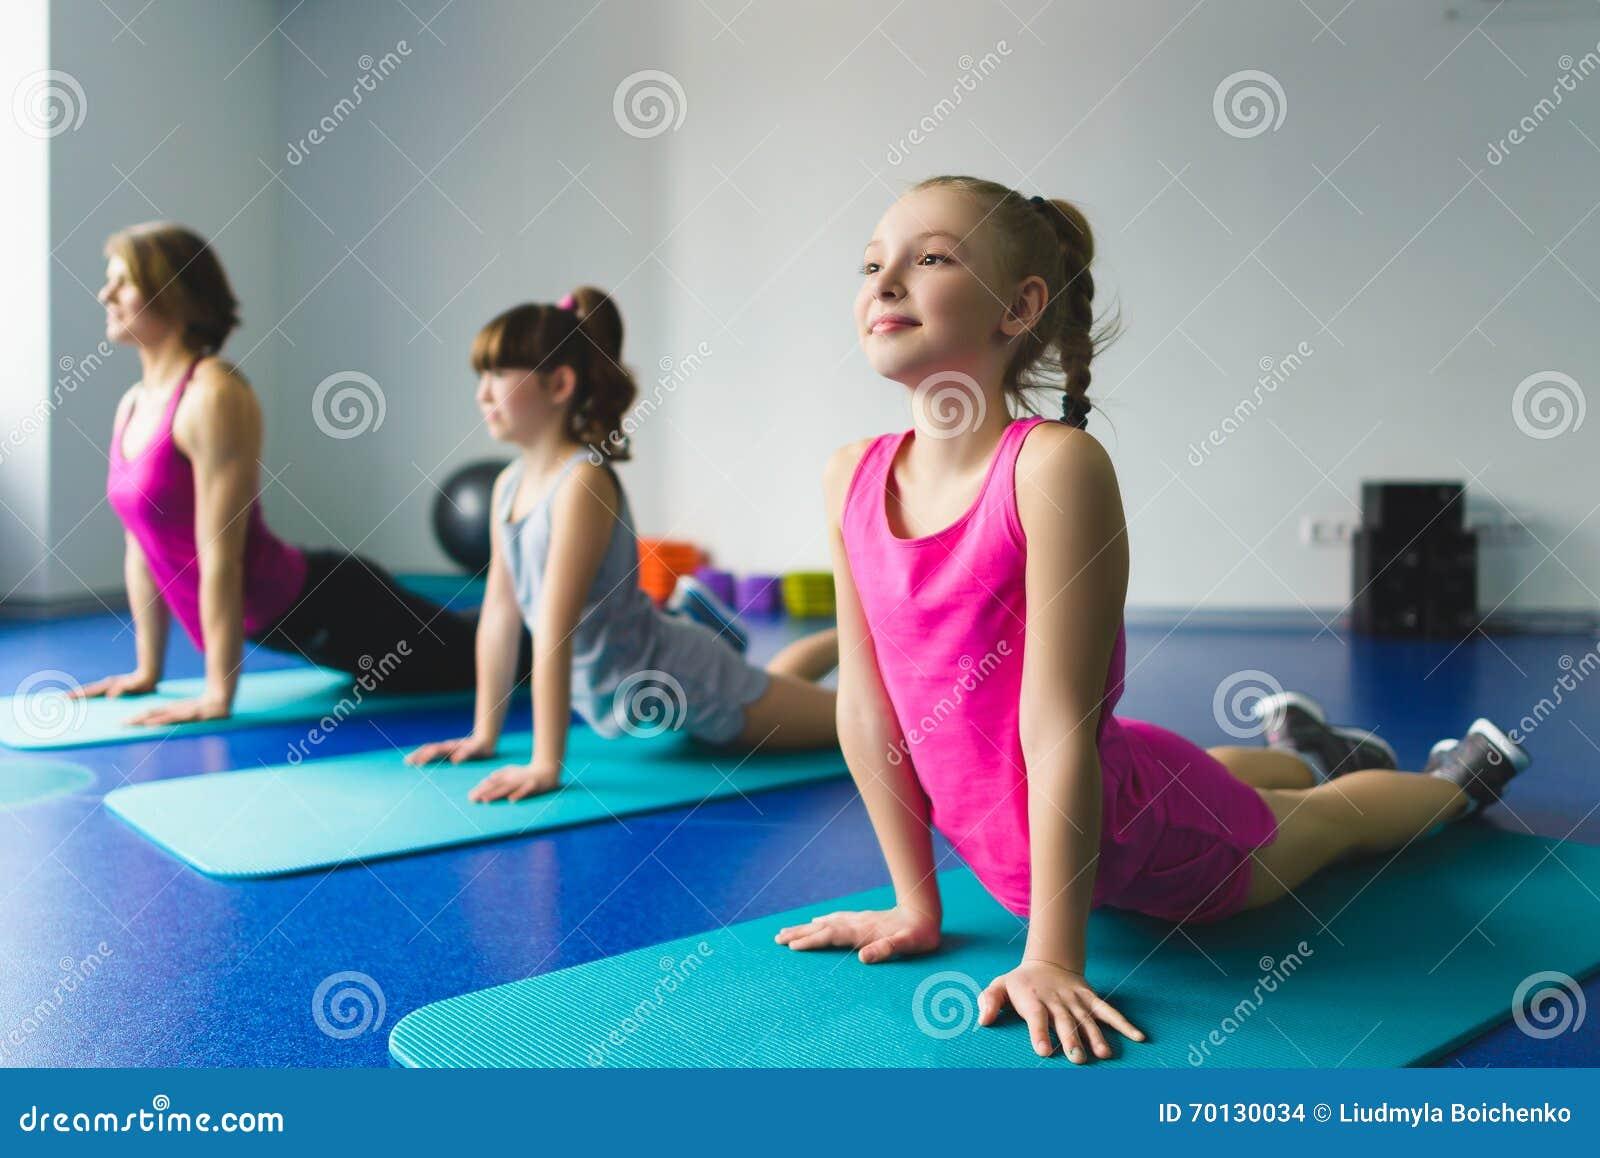 Гимнастичные девушки картинки фото 802-36